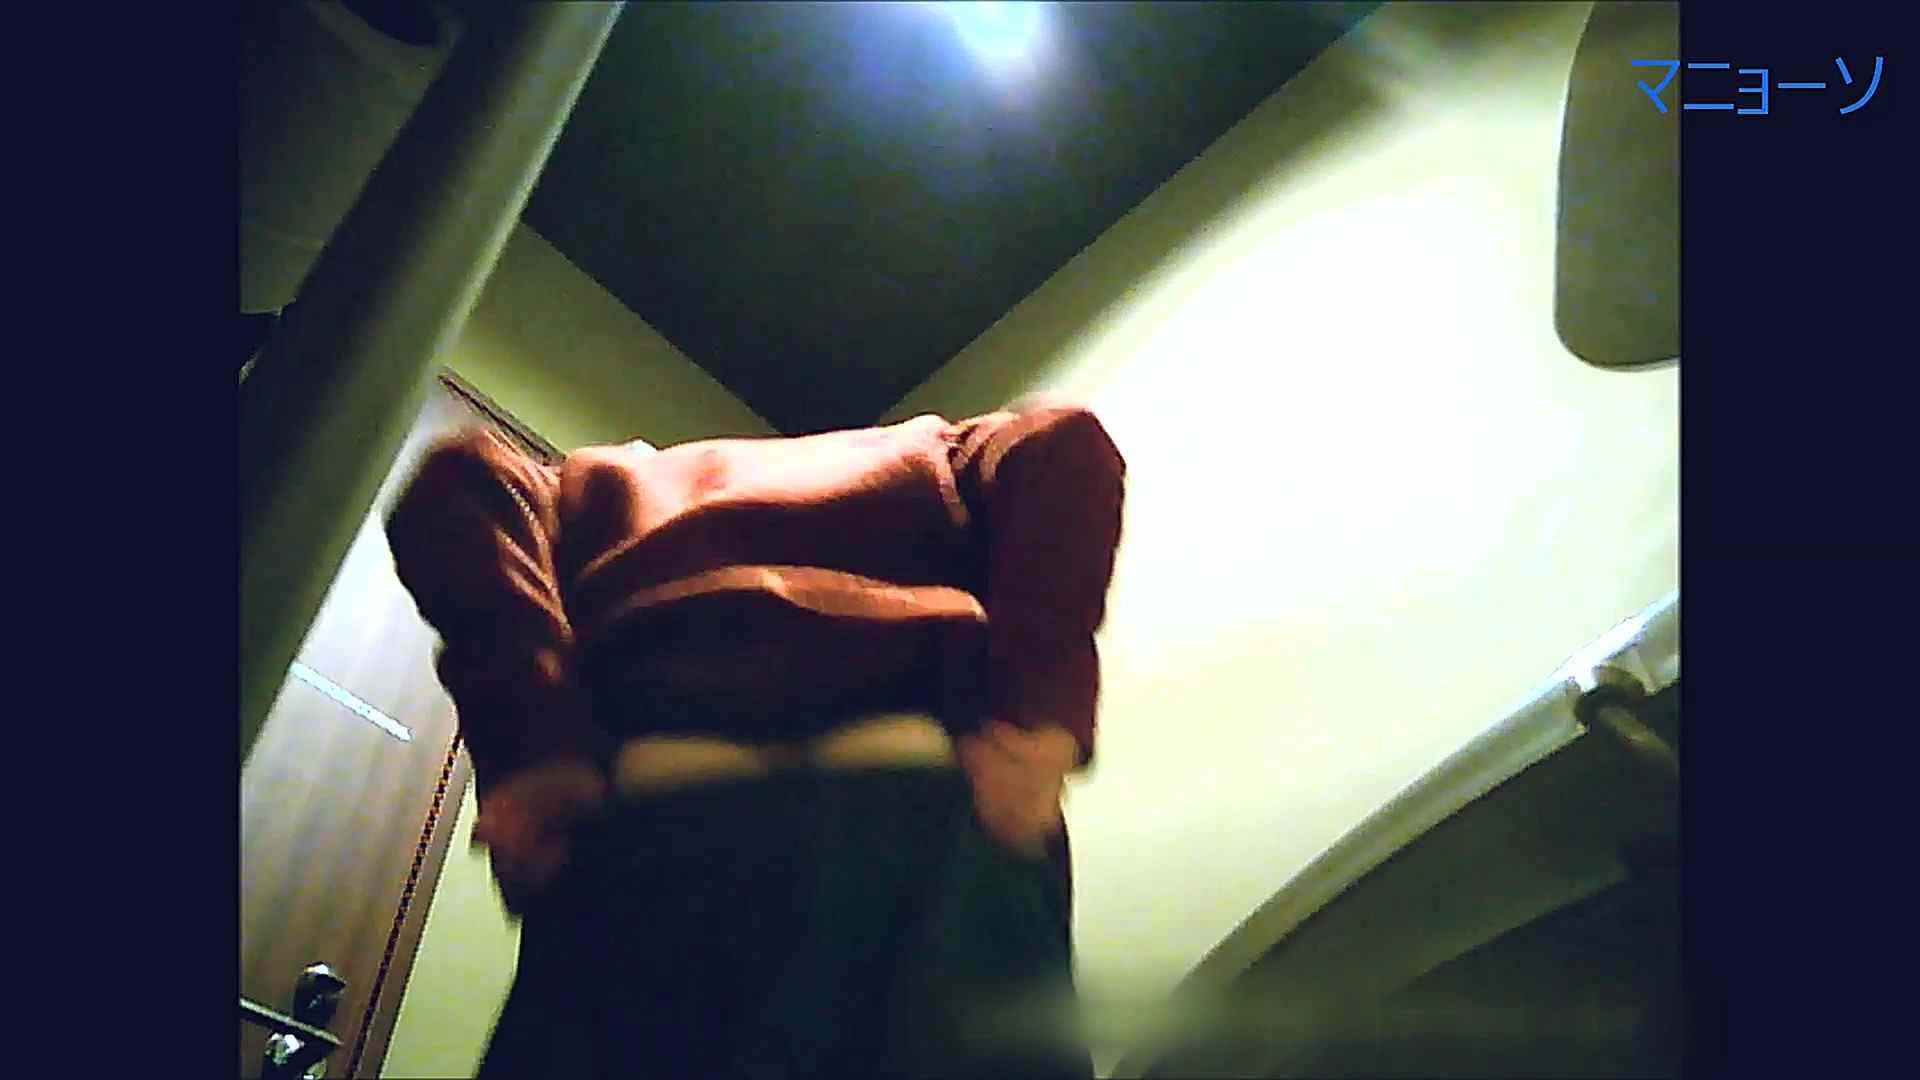 トイレでひと肌脱いでもらいました (JD編)Vol.07 トイレ中 | OL  36連発 15